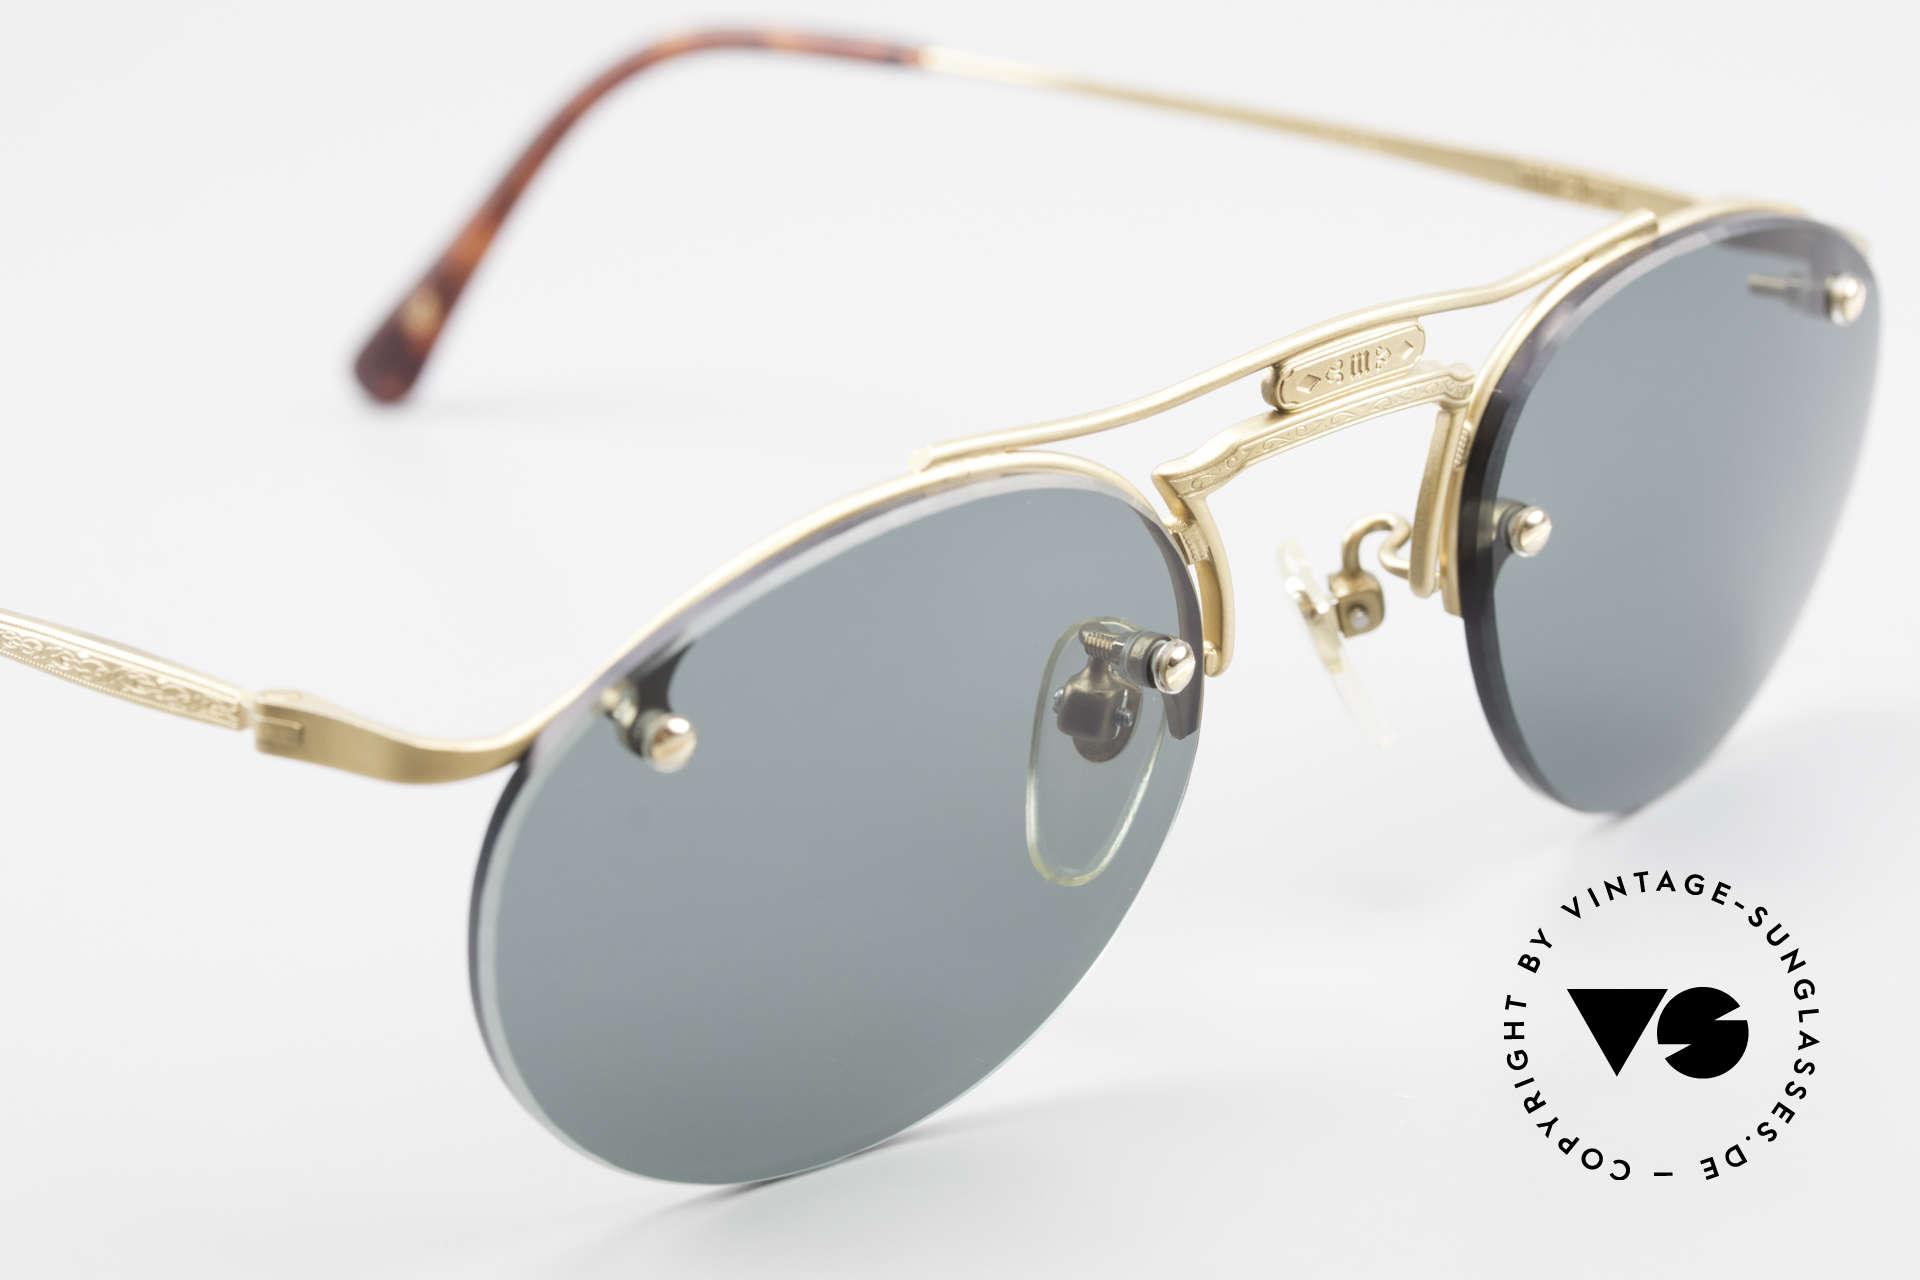 Matsuda 2823 Small Aviator Stil Brille 90er, KEINE RETROmode, sondern ein 25 Jahre altes ORIGINAL, Passend für Herren und Damen